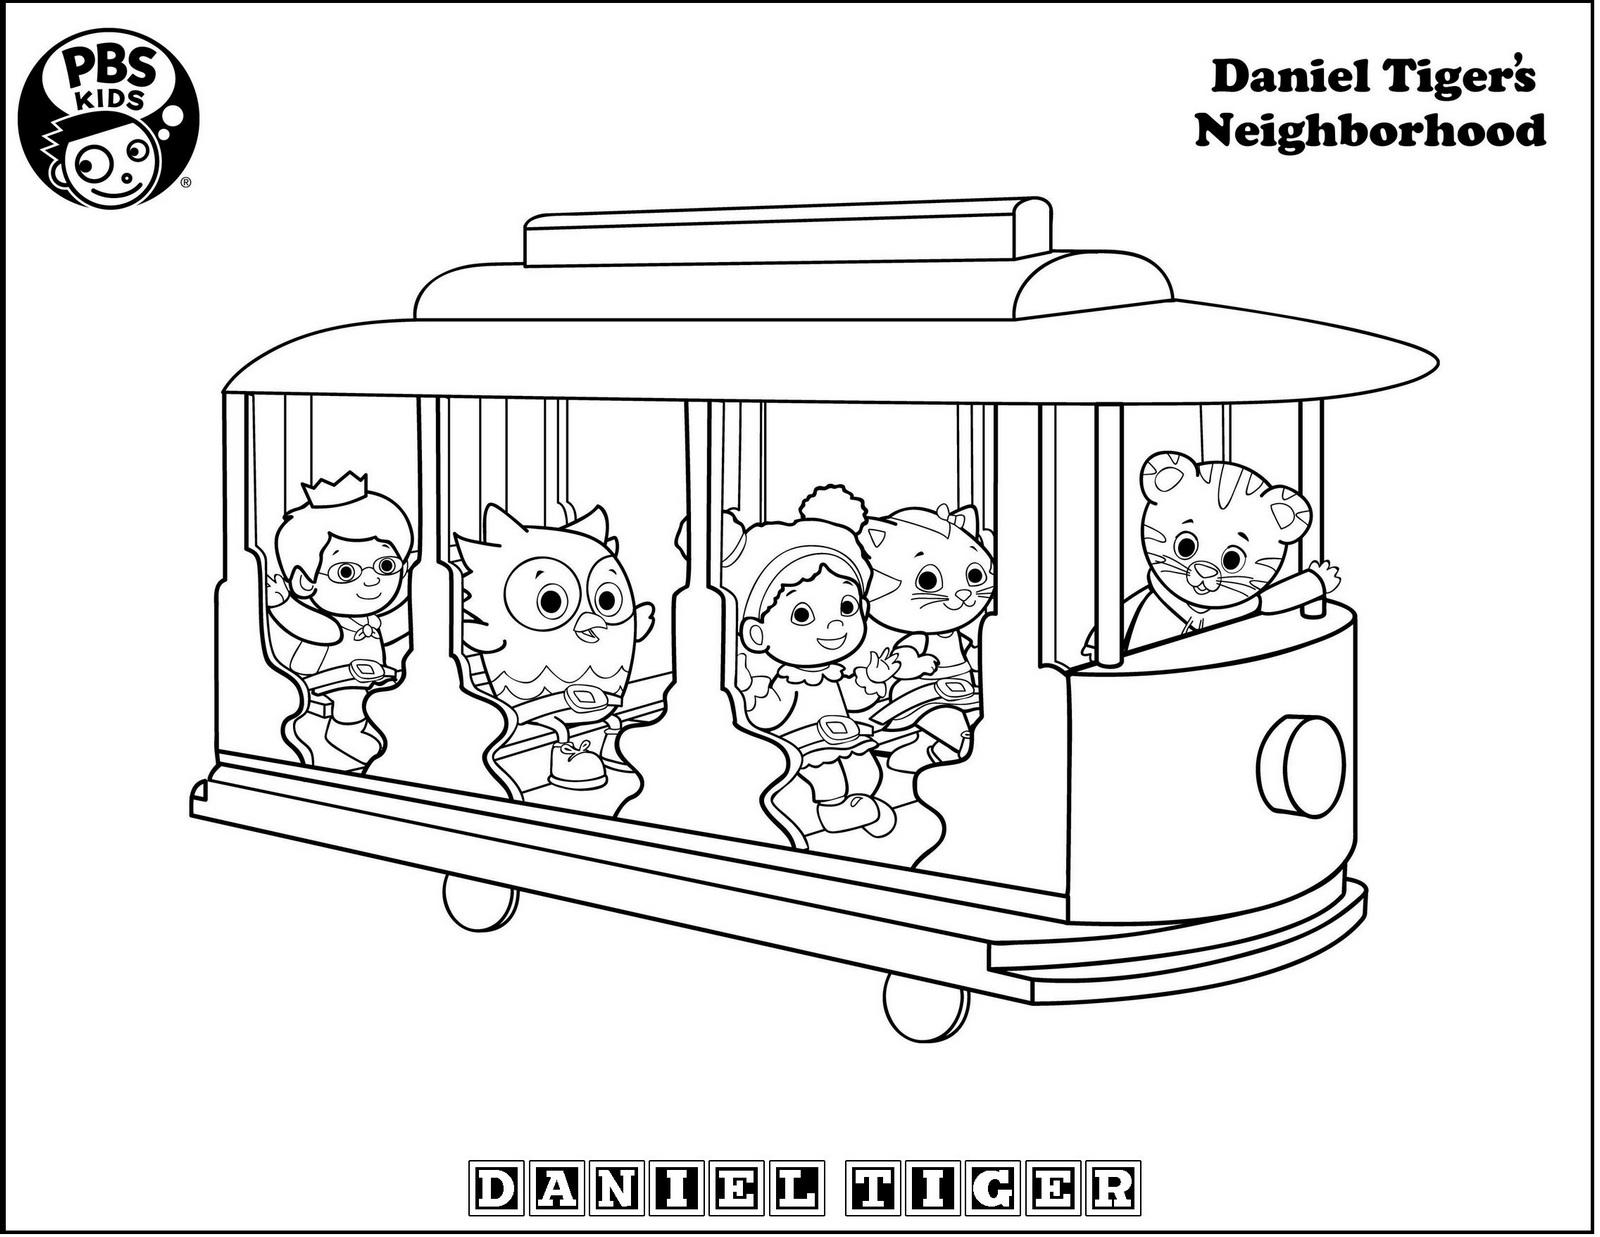 Printables trolley daniel tiger coloring page